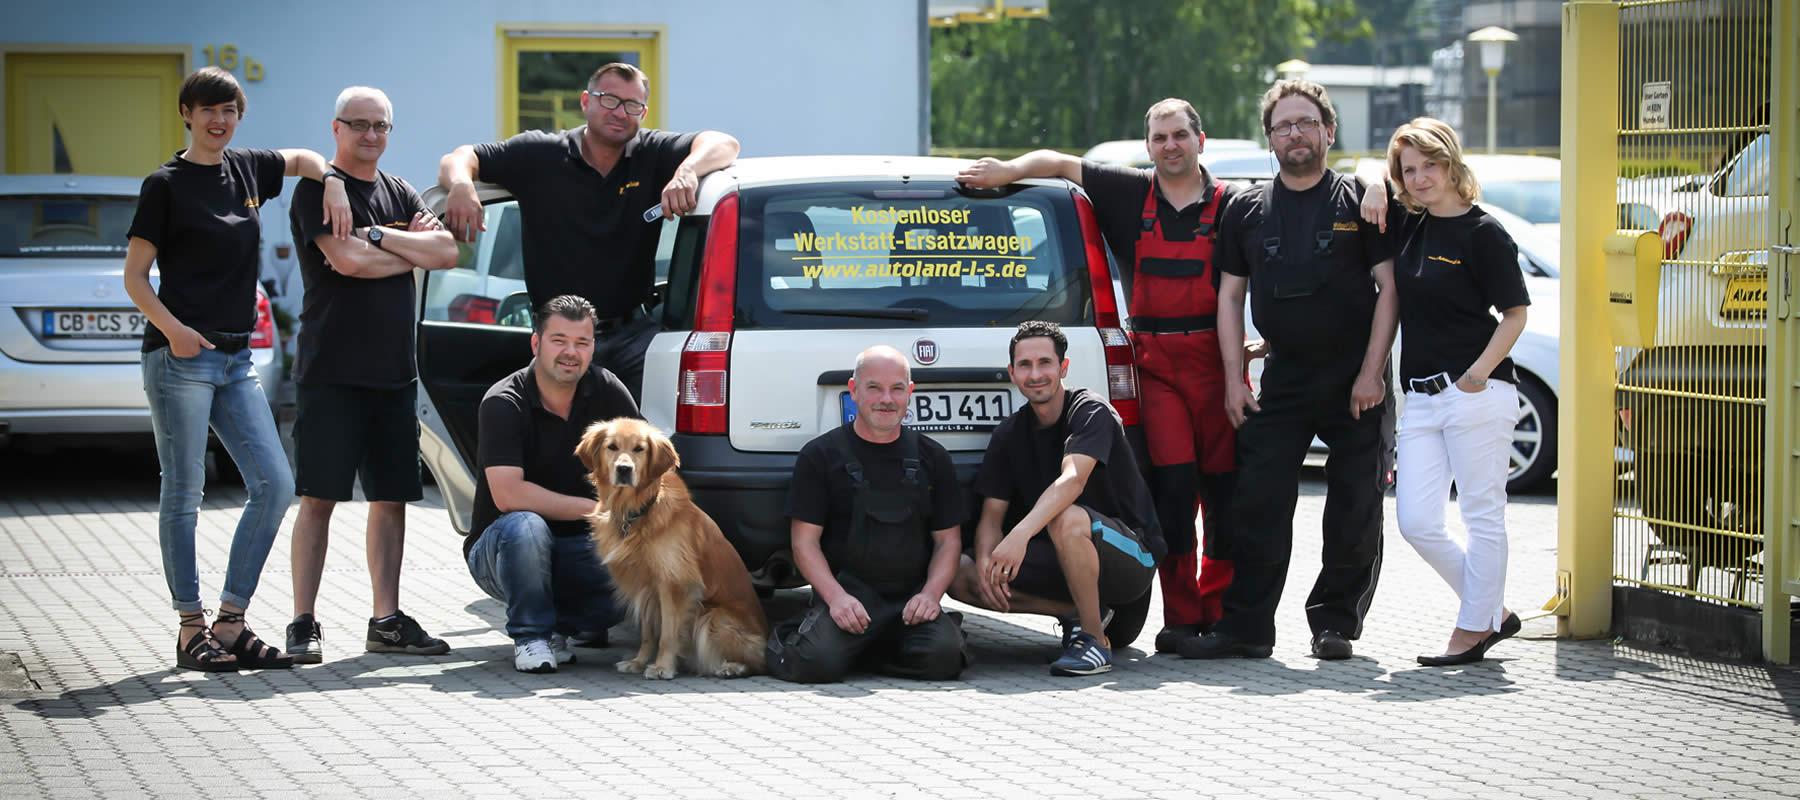 Team Autoland L&S